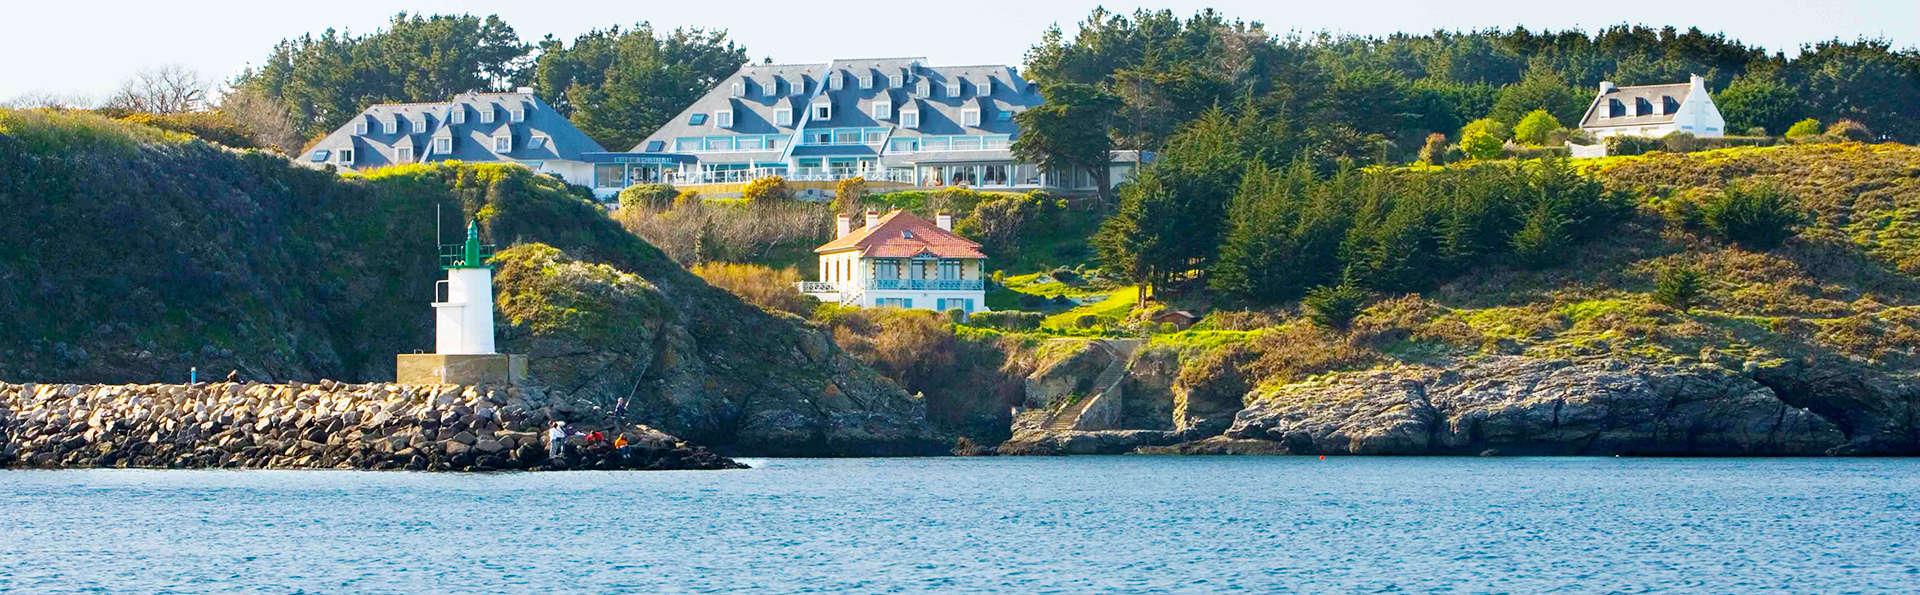 Hotel Le Cardinal Belle Ile en Mer - EDIT_Sauzon_1.jpg